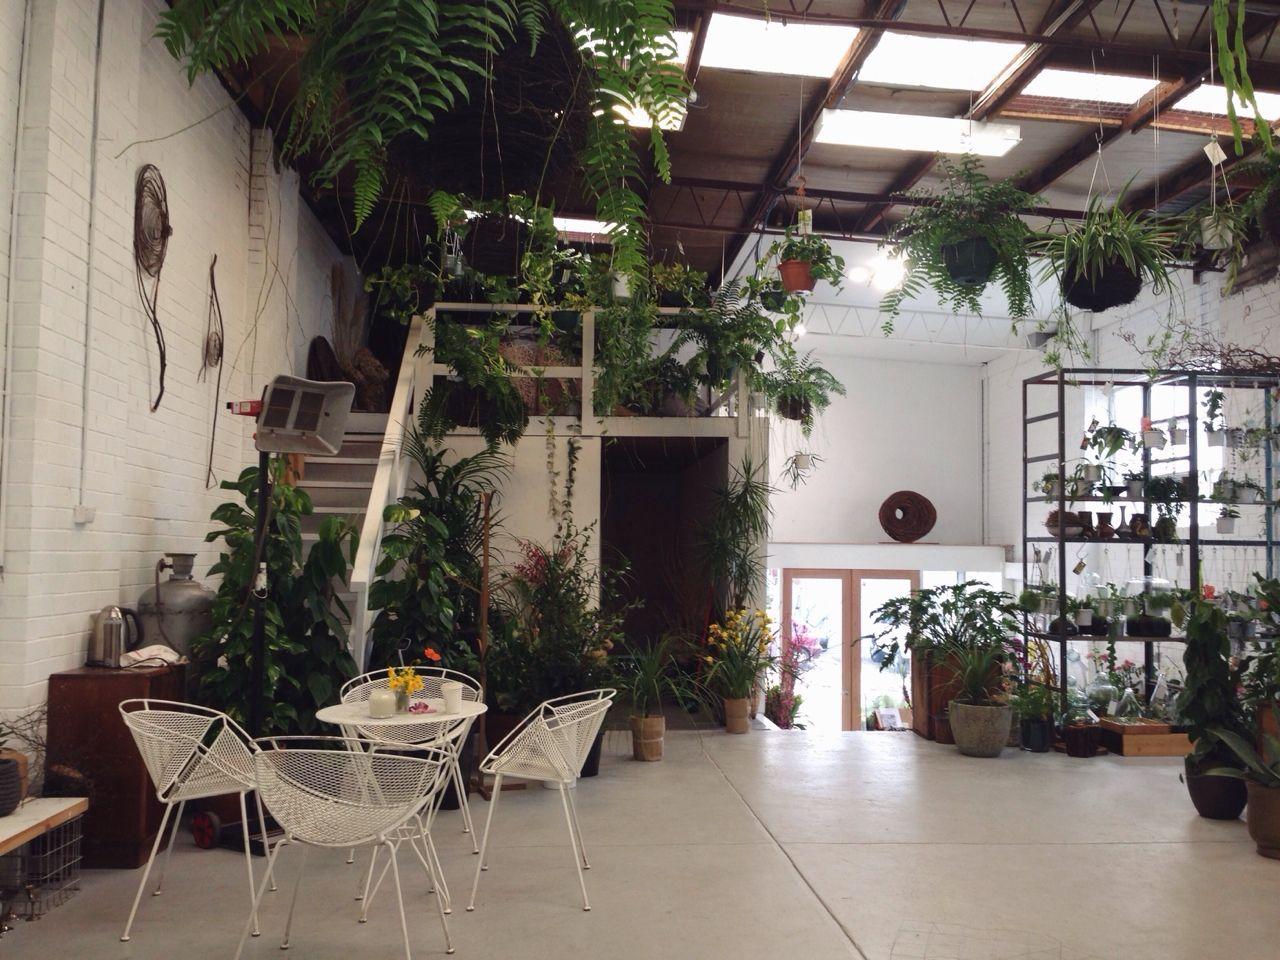 tumblr interior pinterest espace lumiere plantes et espace. Black Bedroom Furniture Sets. Home Design Ideas